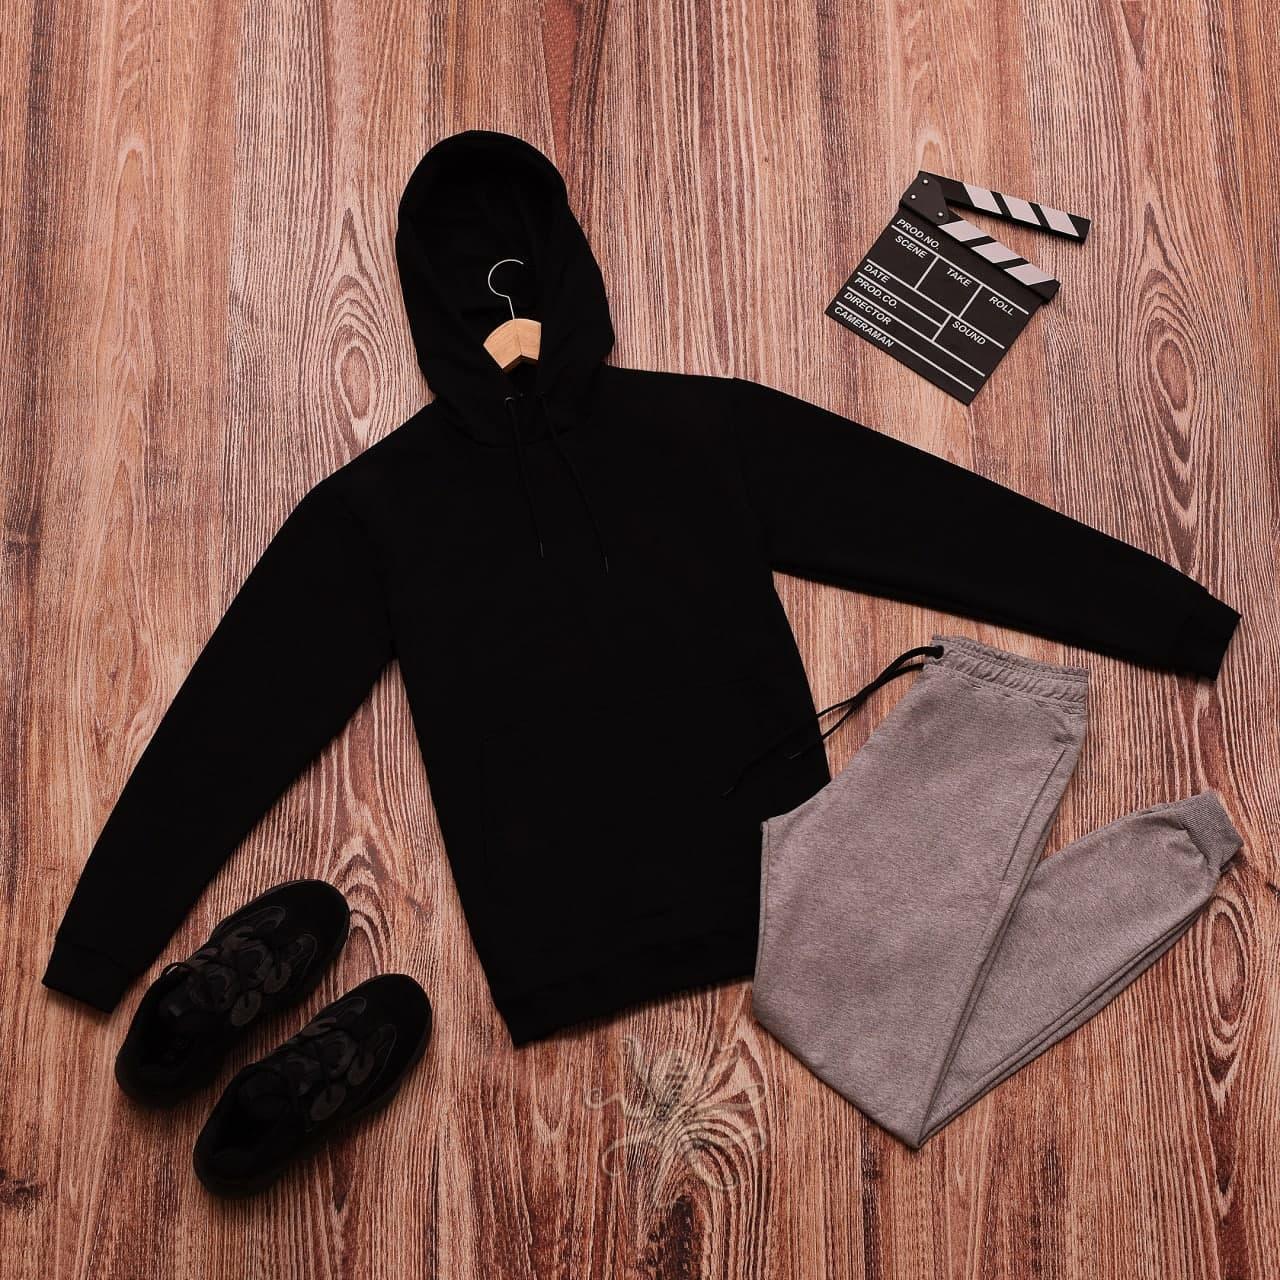 Мужской спортивный костюм весенний/осенний, комплект кофта худи + штаны Турция